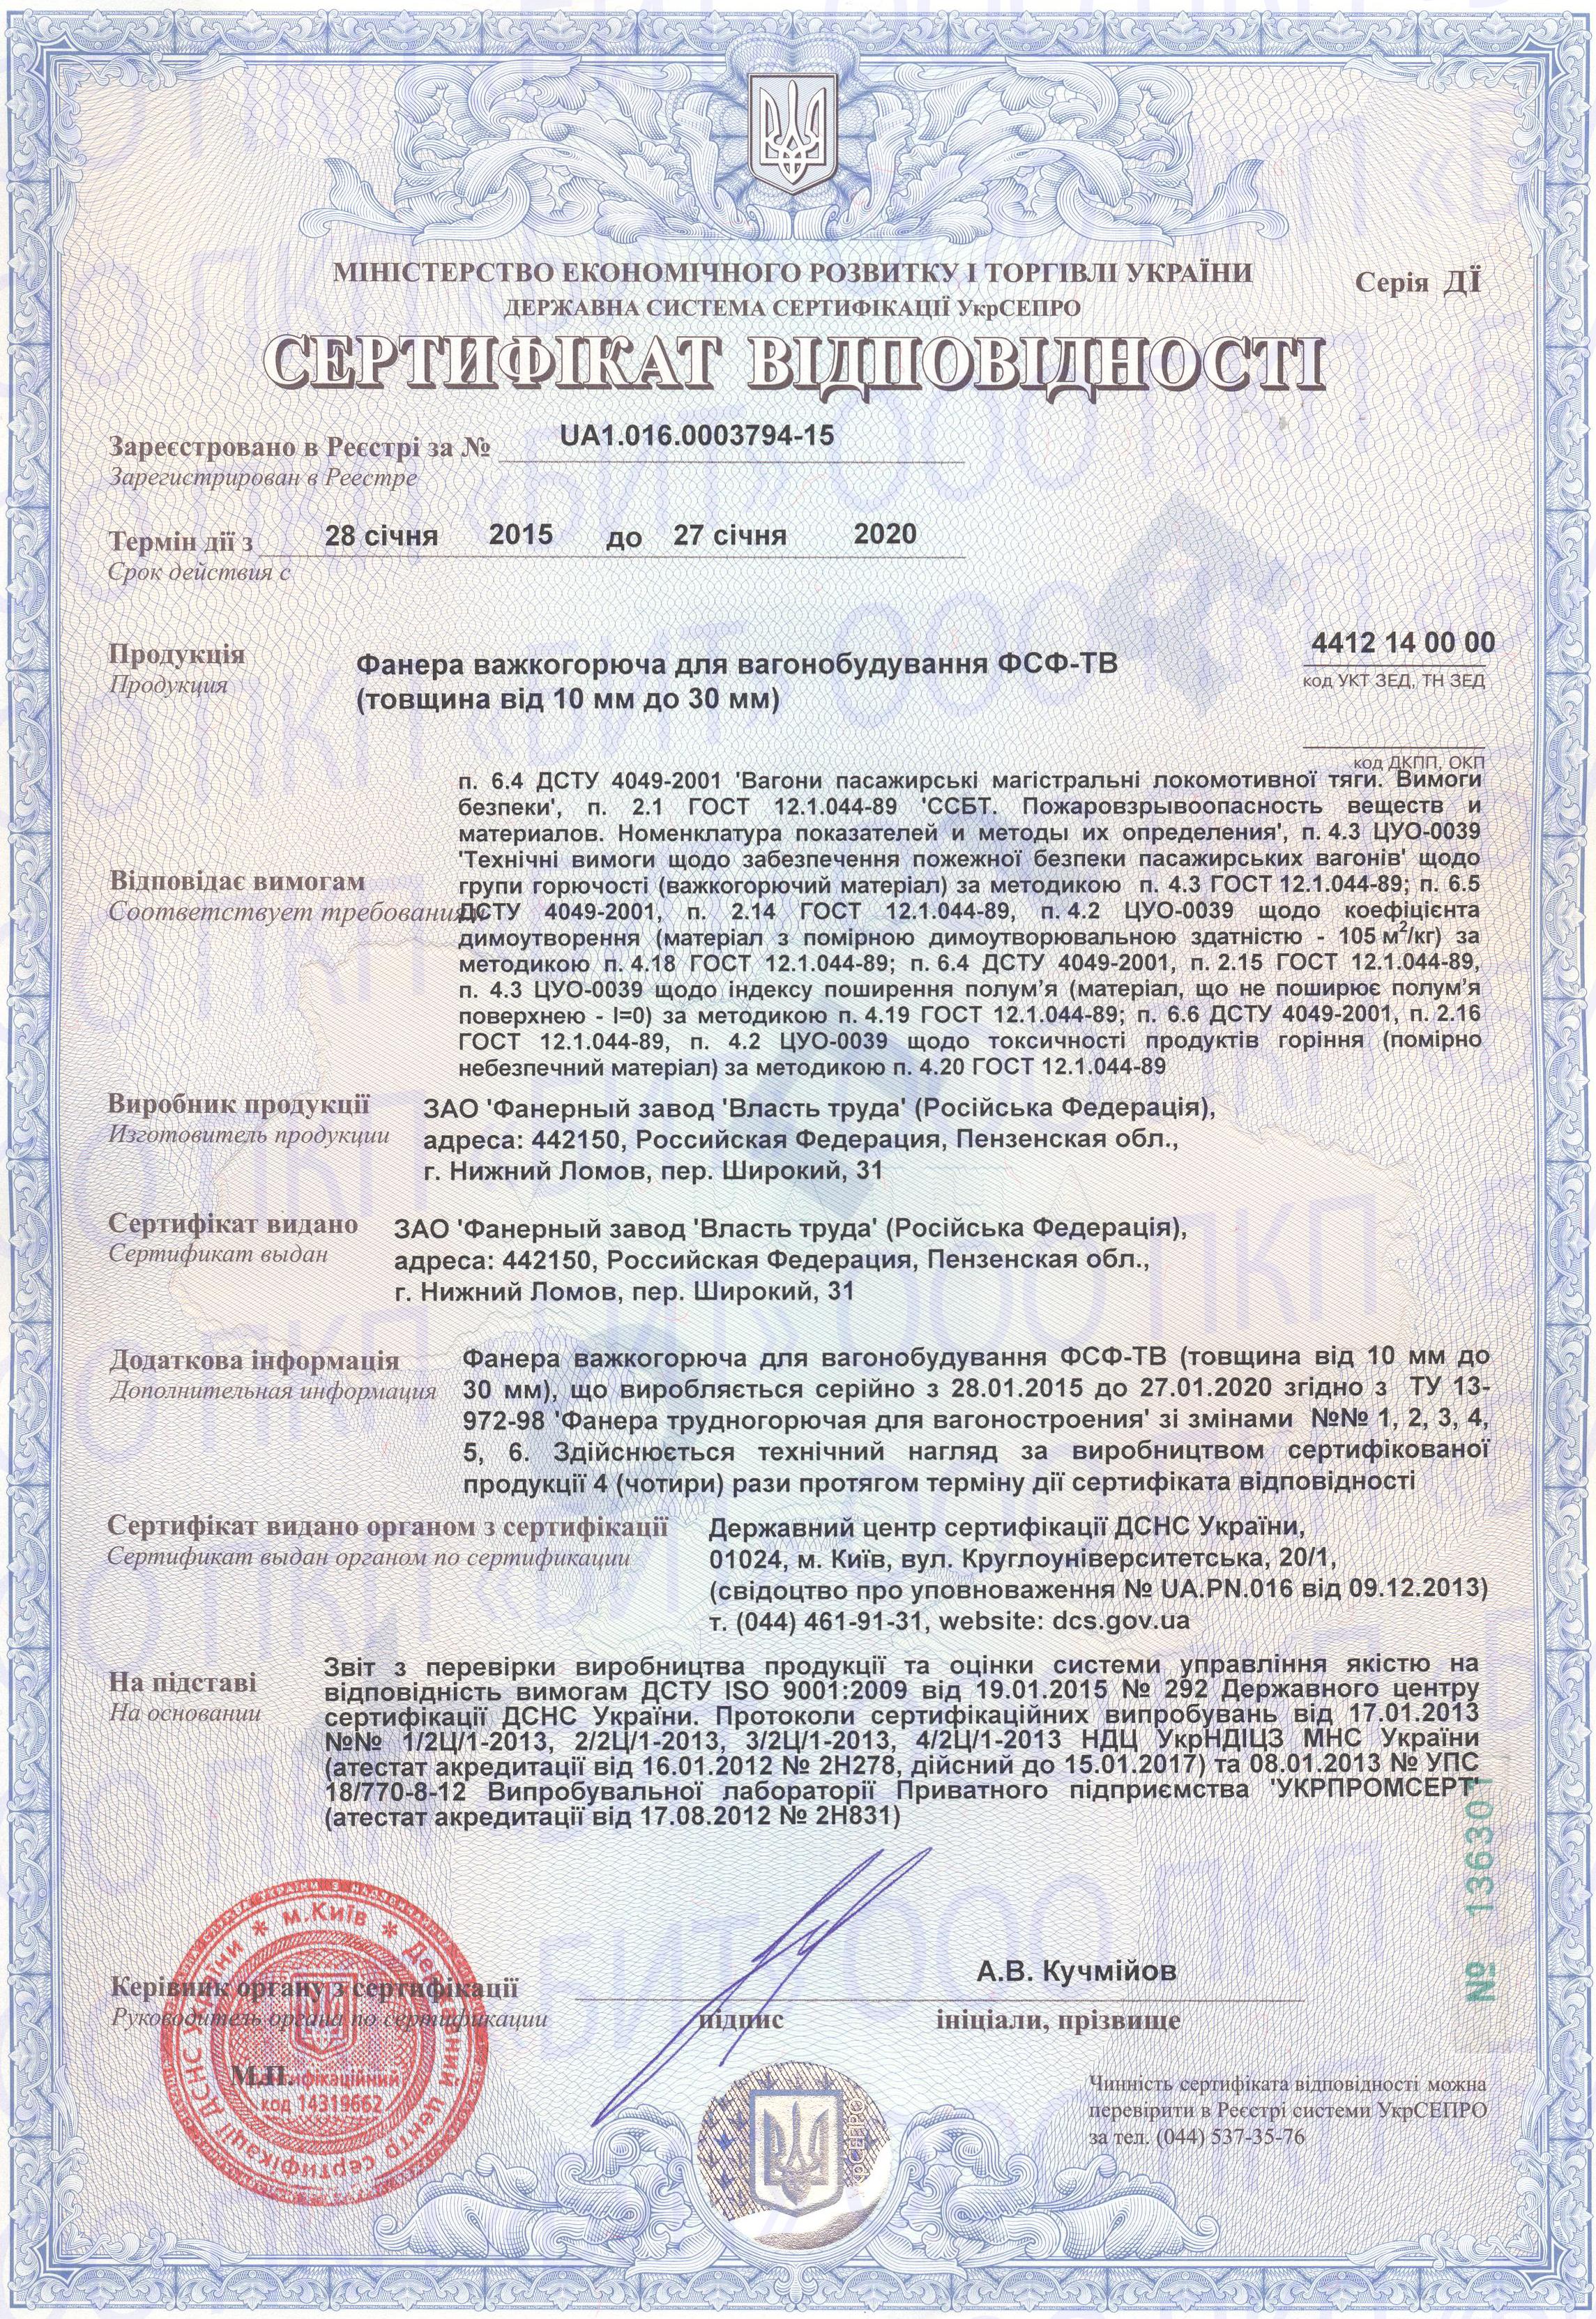 паспорт качества на пиломатериалы хвойных пород бланк